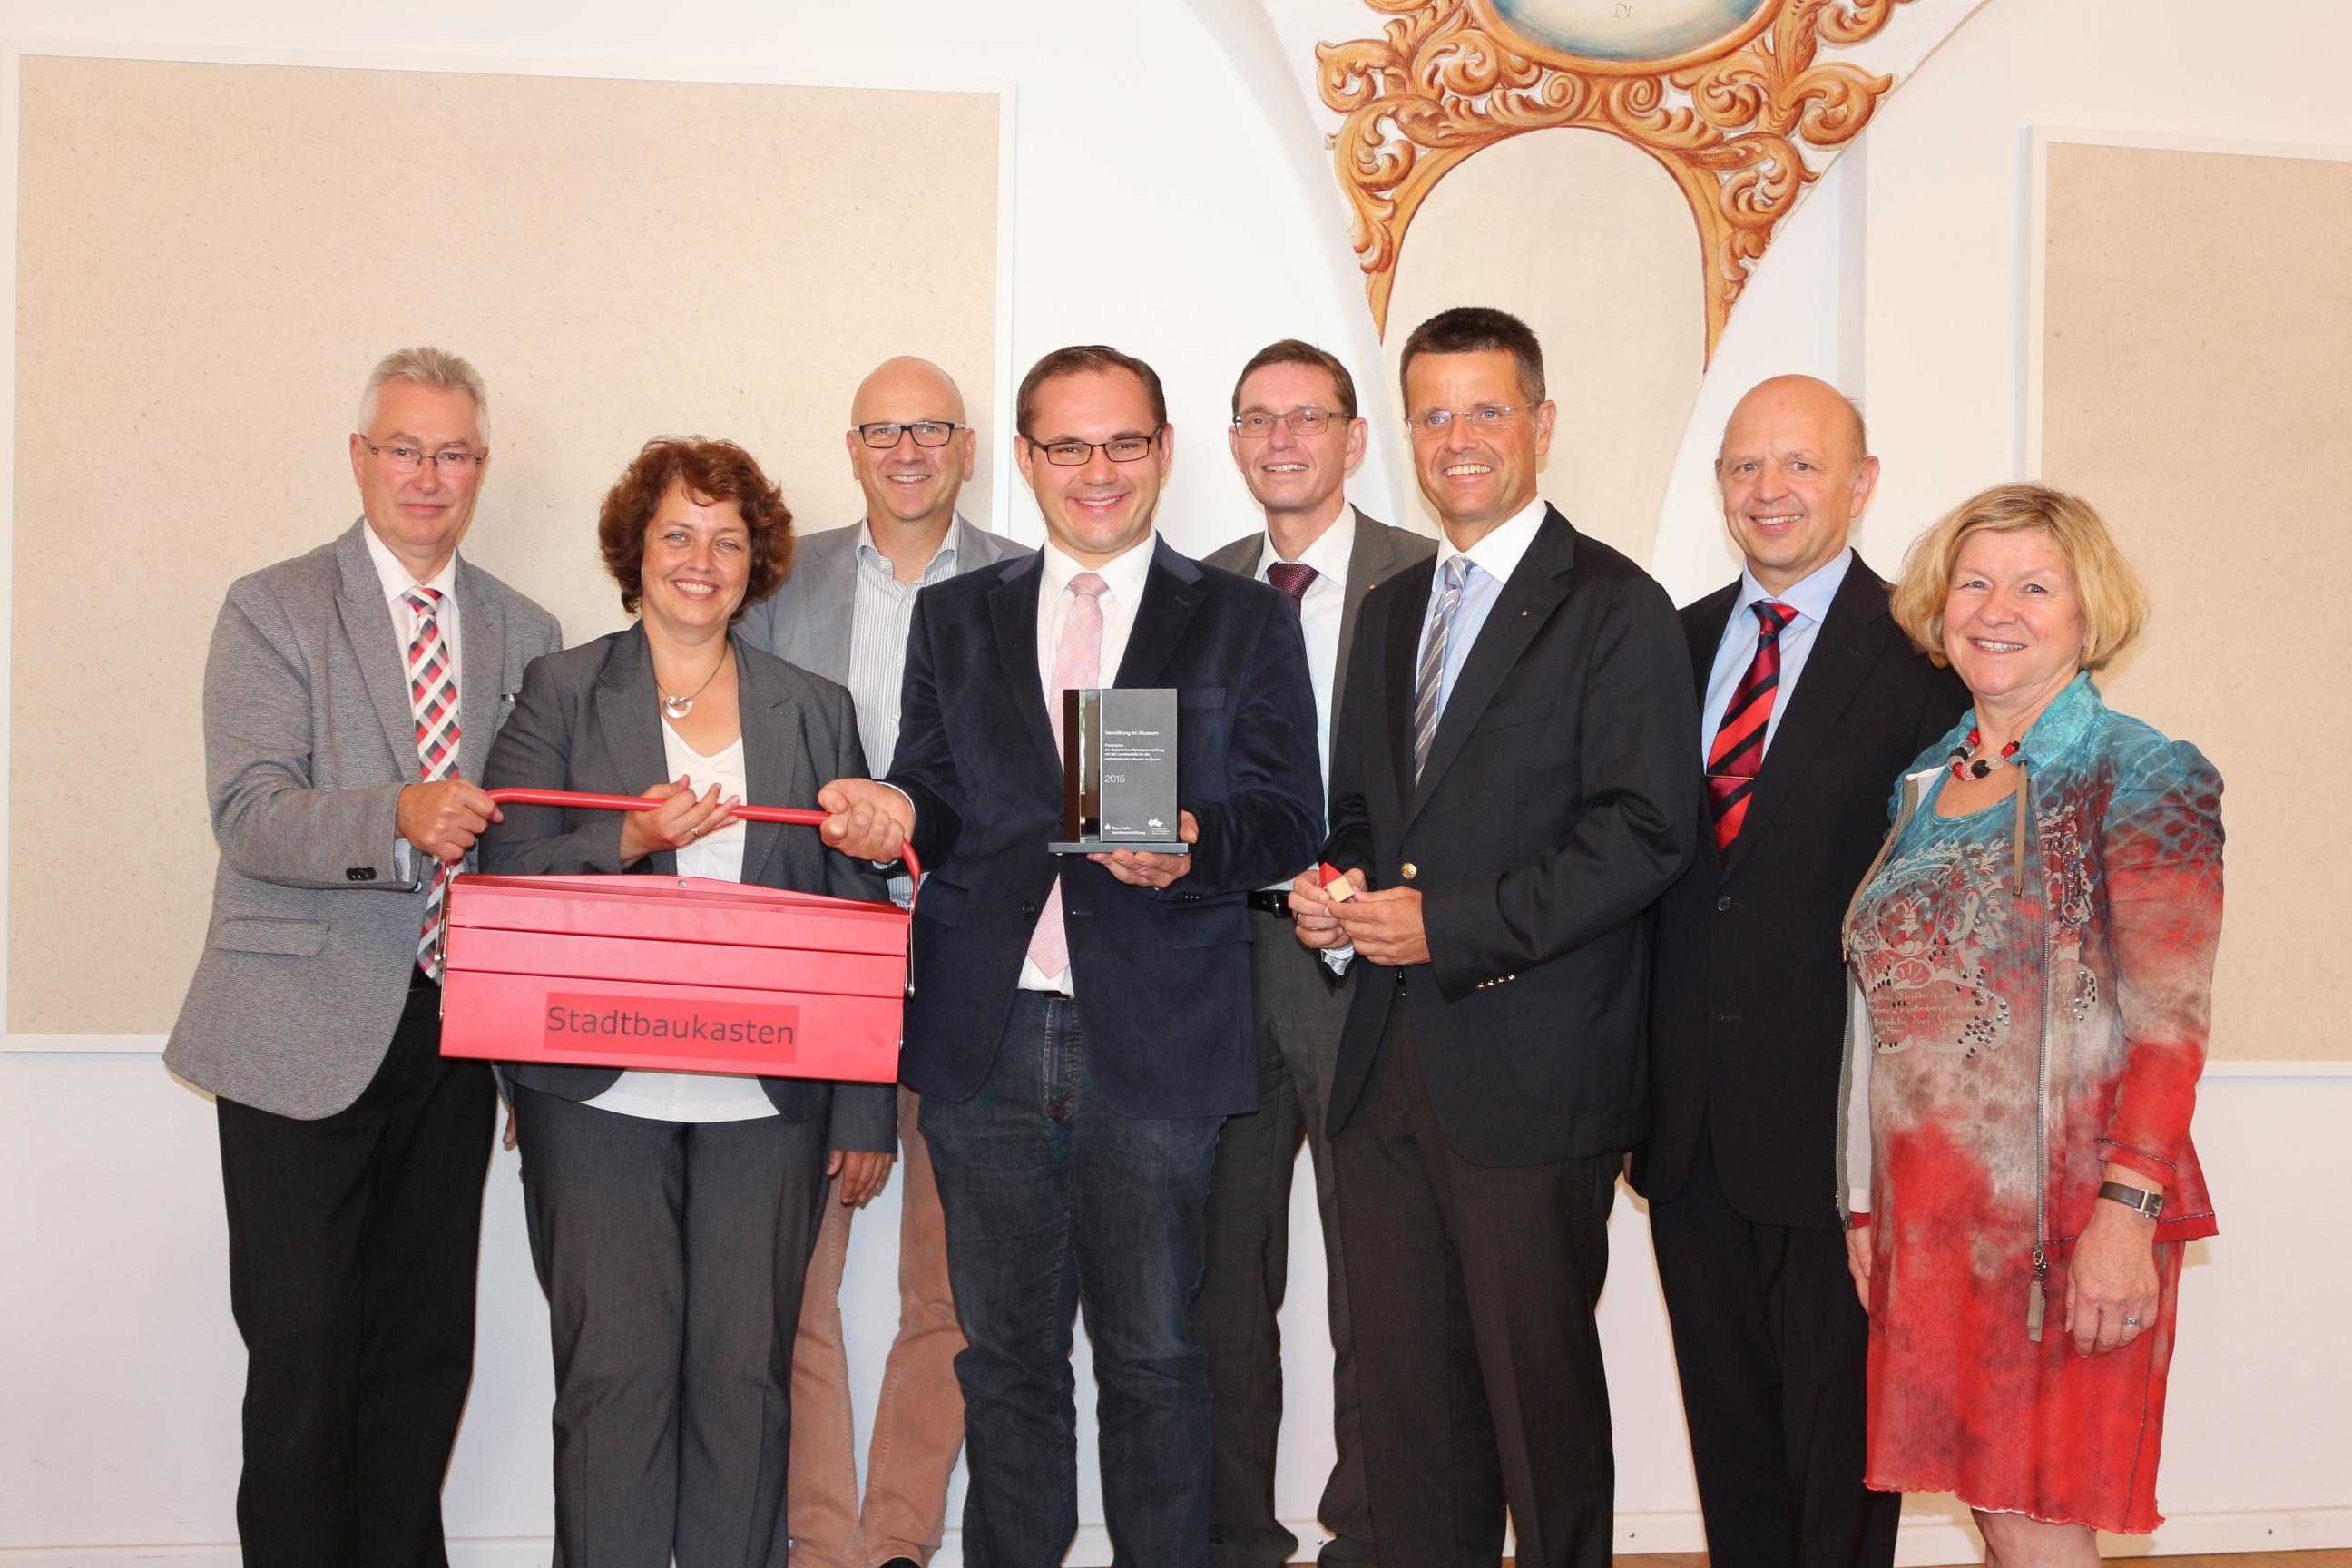 Überreichung des Förderpreises: von links nach rechts. Johann Stocker, Dr. Astrid Pellengahr, Dr. Uwe Brandl, Dr. Tobias Hammerl, Reinhard Handschuh, Dieter Scholz, Maria Warsitz-Müller.